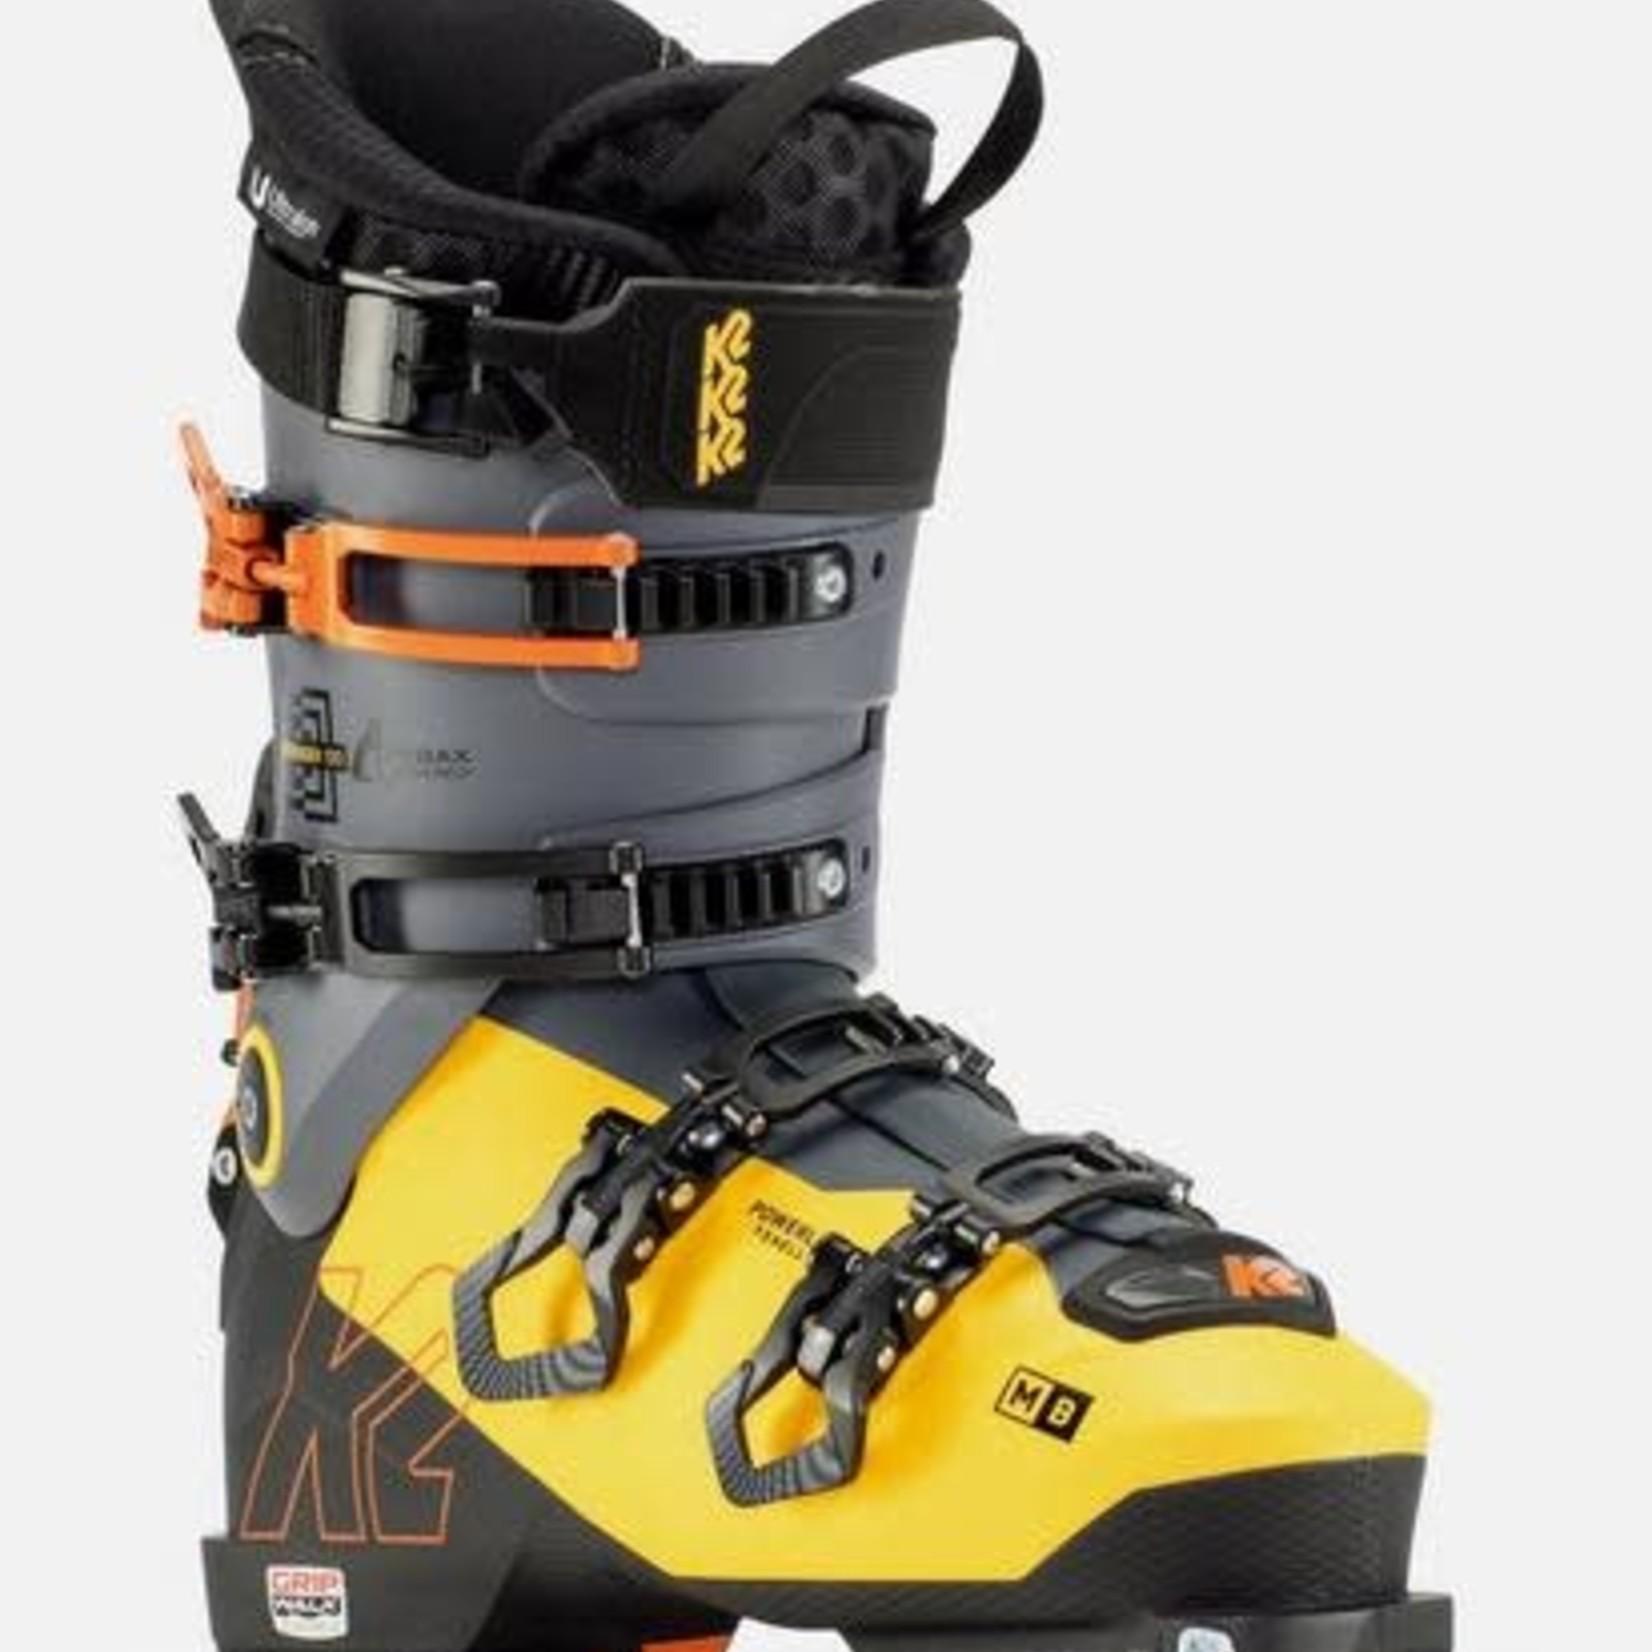 K2 K2 Mindbender 130